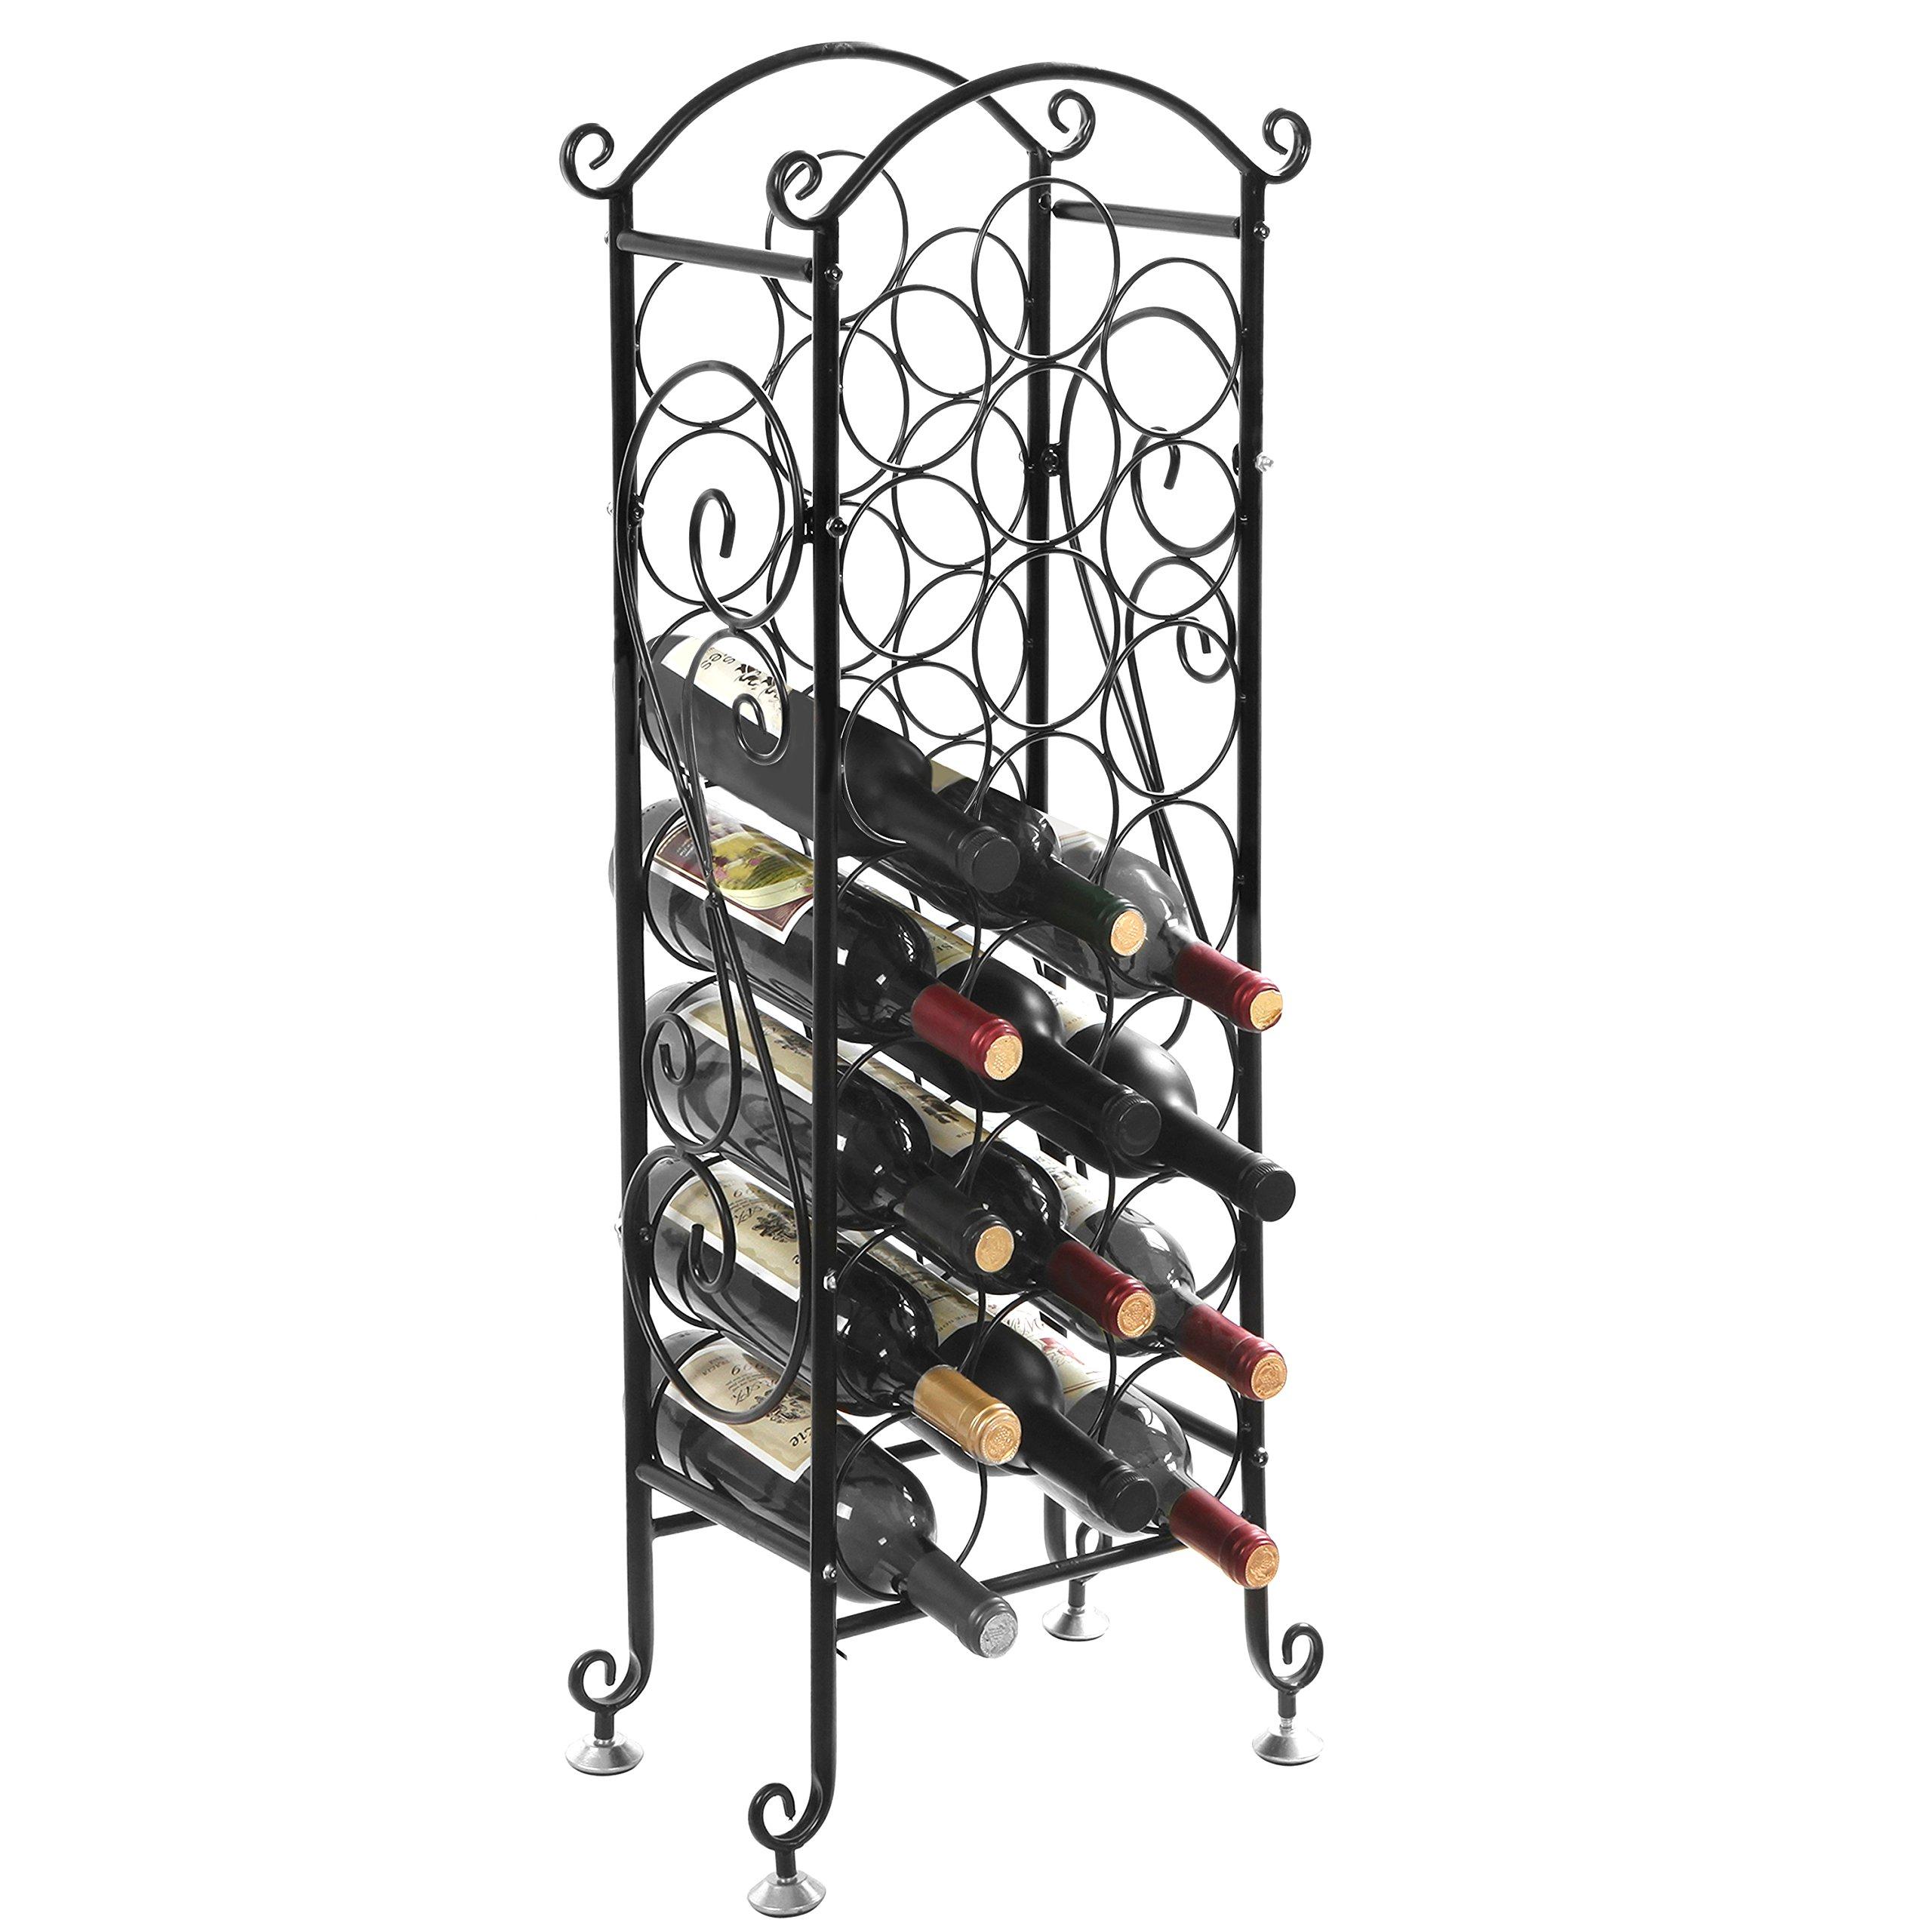 MyGift Wine Bottle Storage Rack / Vintage Wine Holder, Fits 21 Bottles, Black